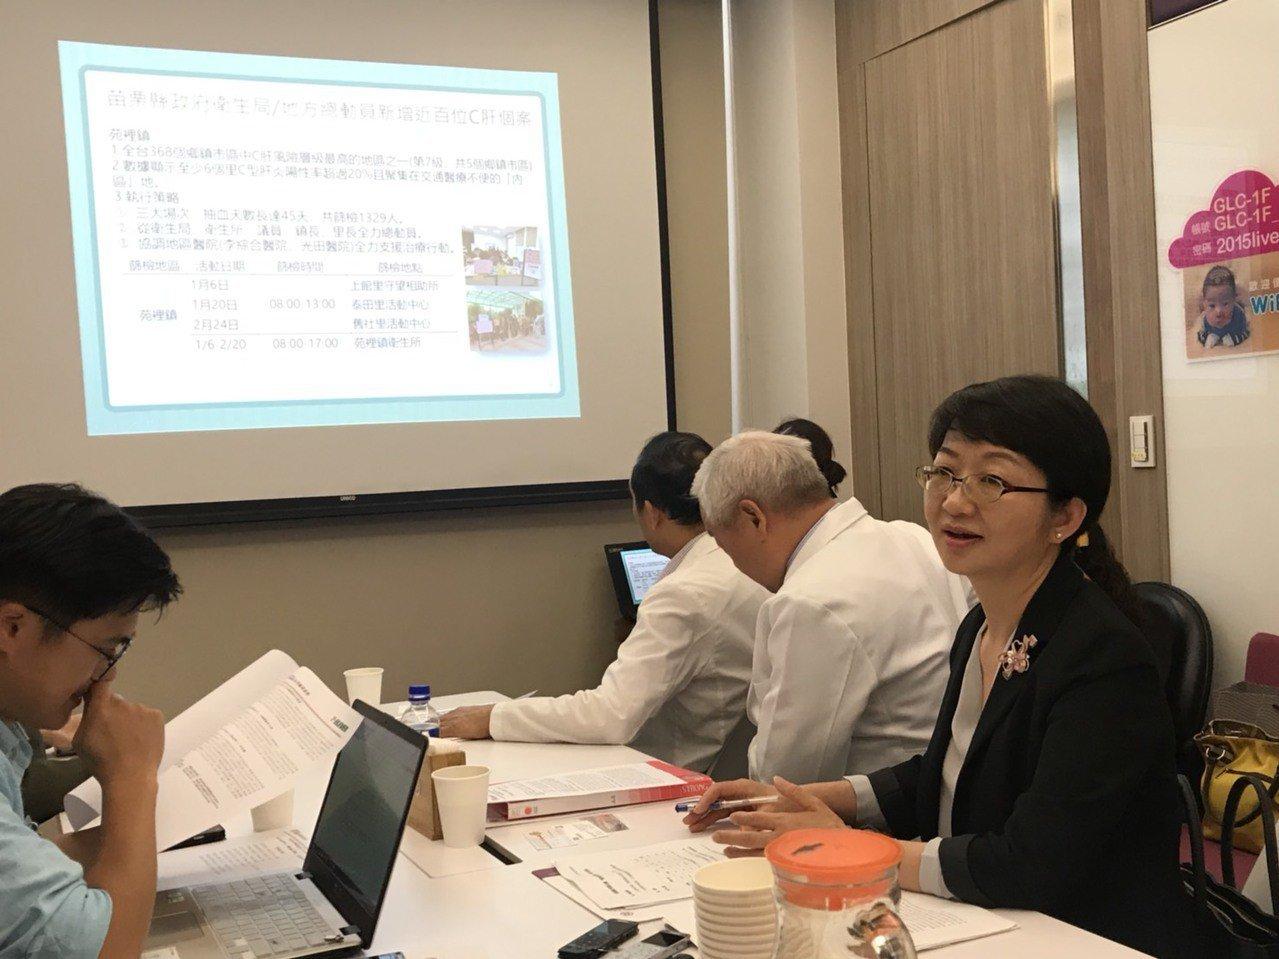 苗栗縣衛生局長張蕊仙(右)表示,苑裡鎮至少6個里C型肝炎陽性率超過20%,此次推...